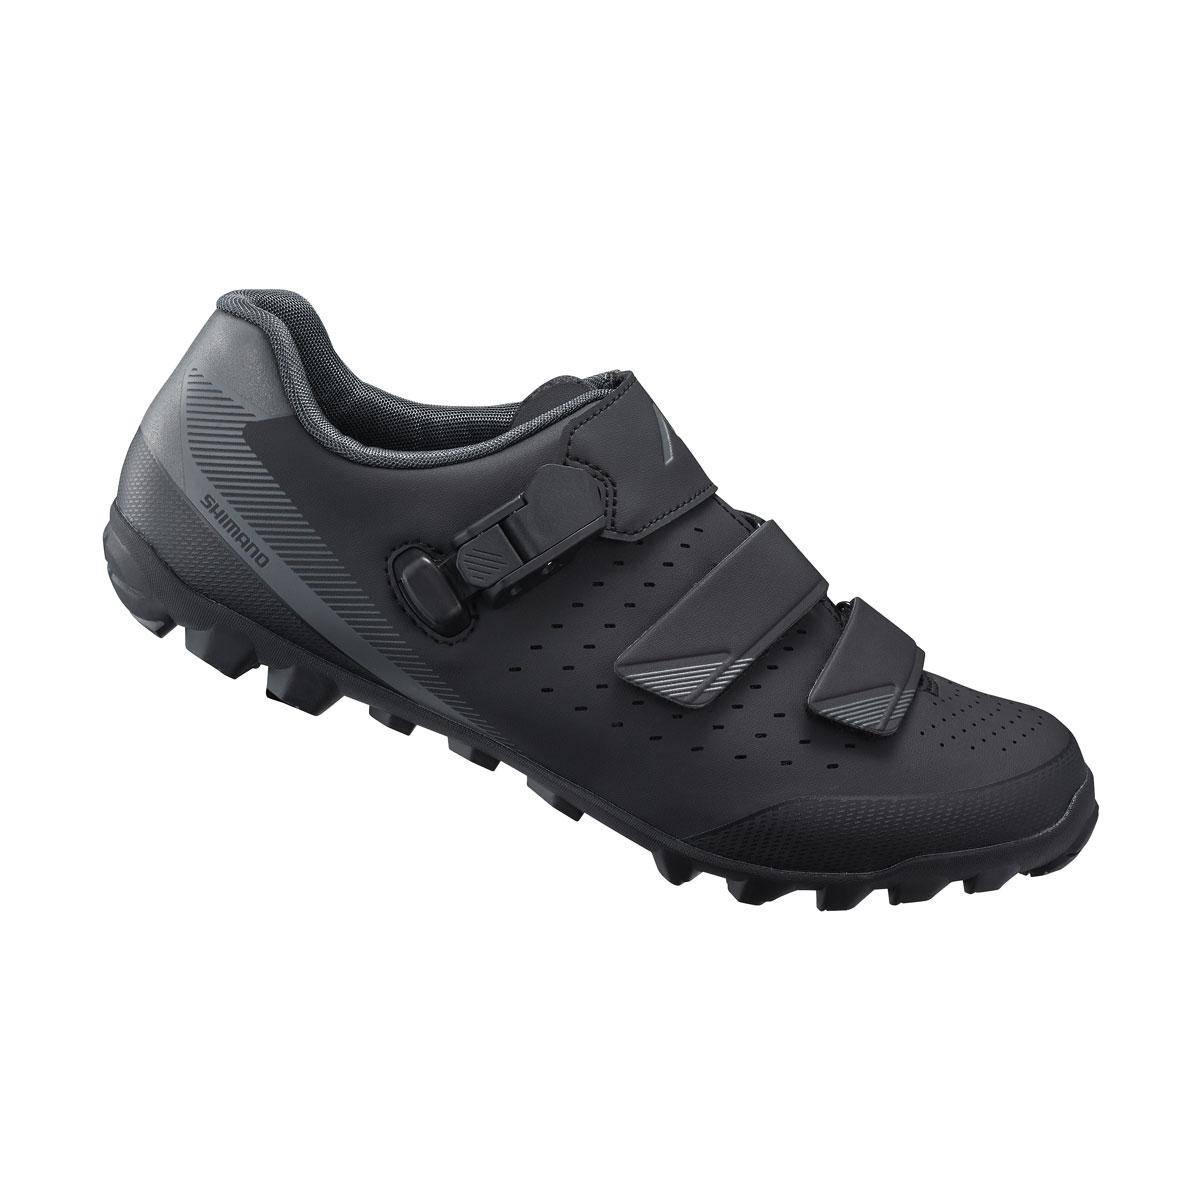 Shimano MTB obuv SH-ME301ML, černá, 38